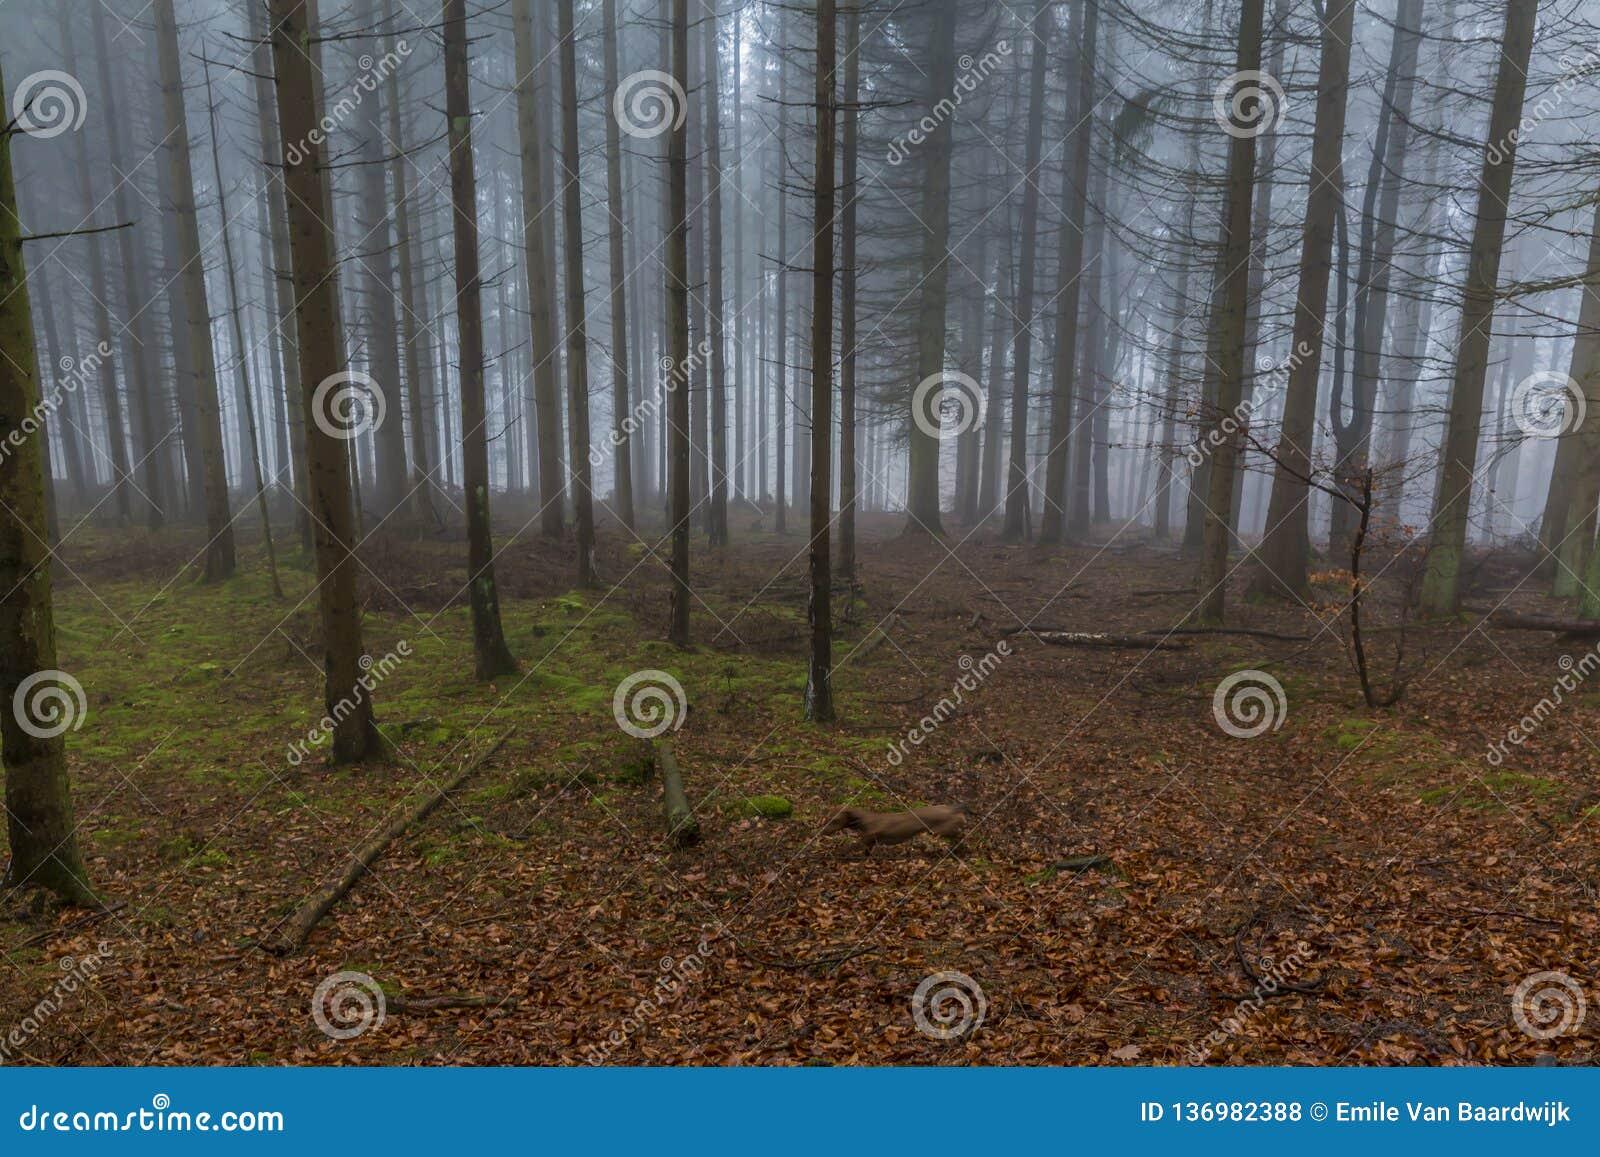 Imagem de pinheiros altos na floresta com musgo e folhas na terra com muita névoa